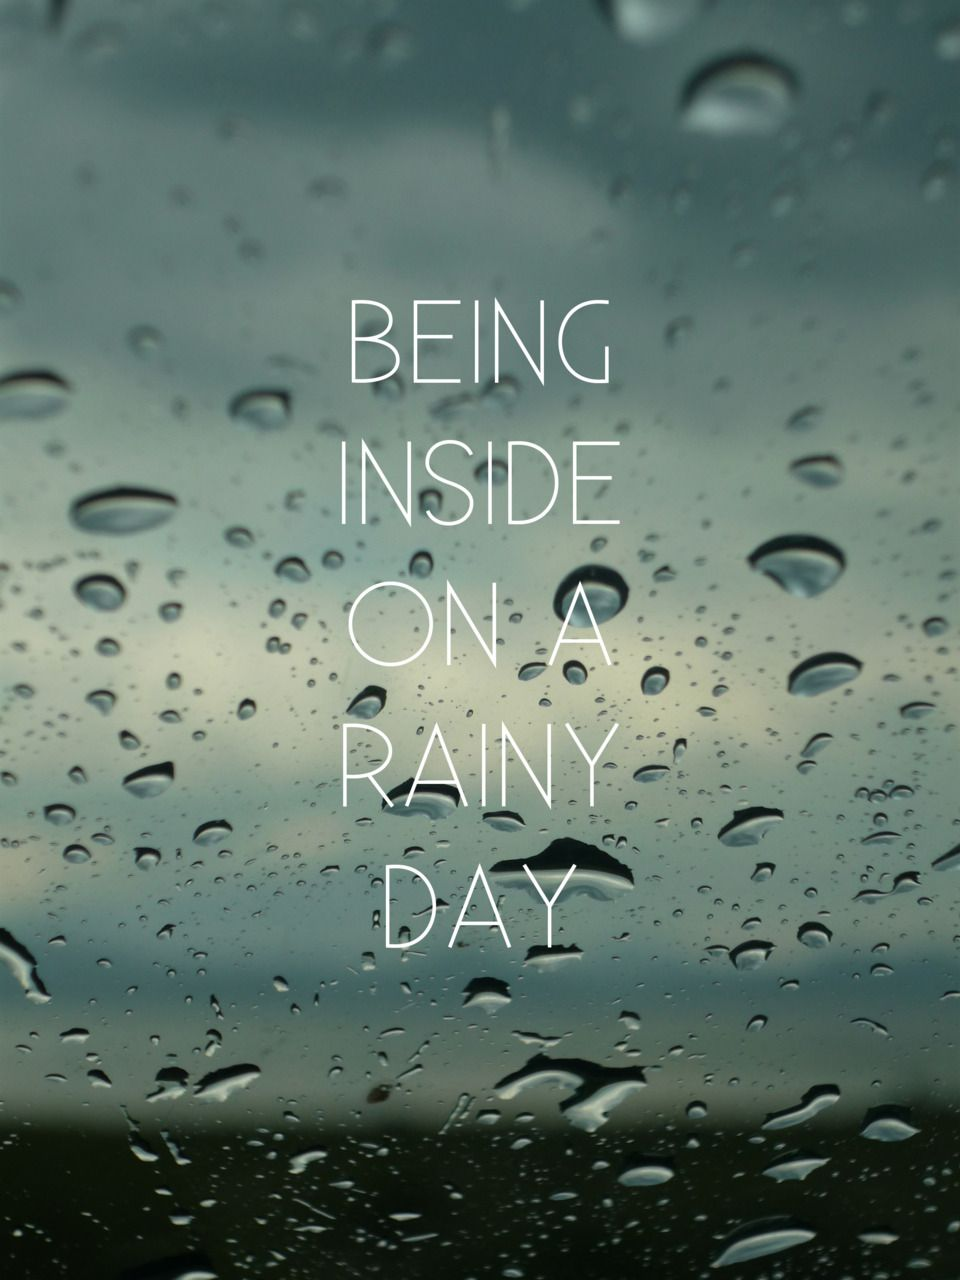 Pin By Alice Anzola On Perfil Rainy Day Quotes Rainy Days Love